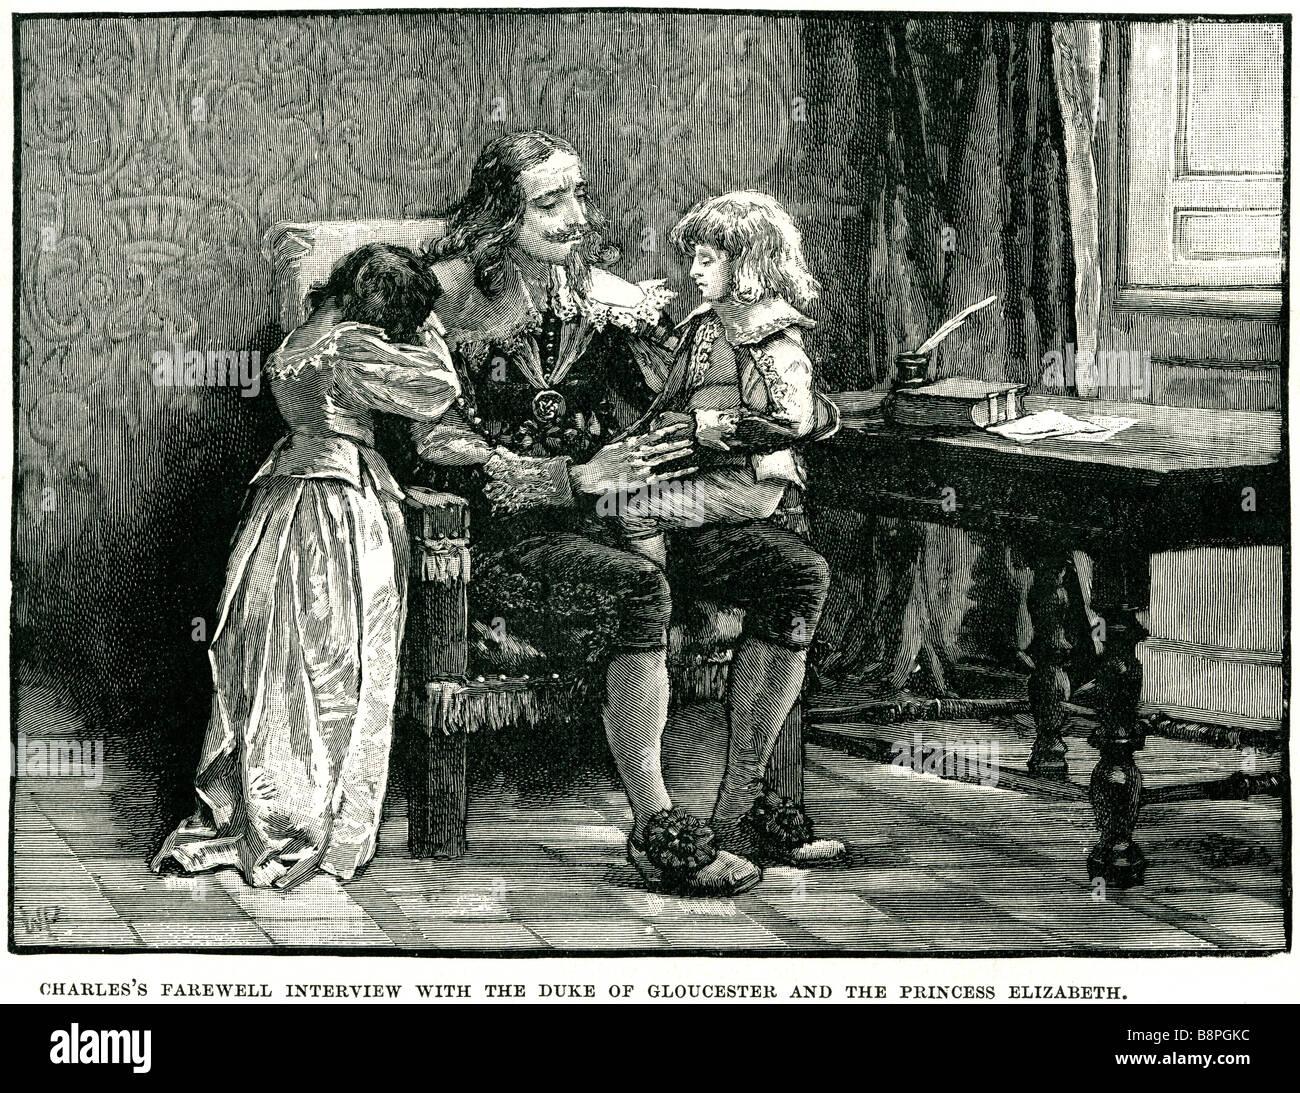 Carlos I entrevista de despedida con el Duque de Gloucester, la princesa Elizabeth adiós royalty real niños Imagen De Stock